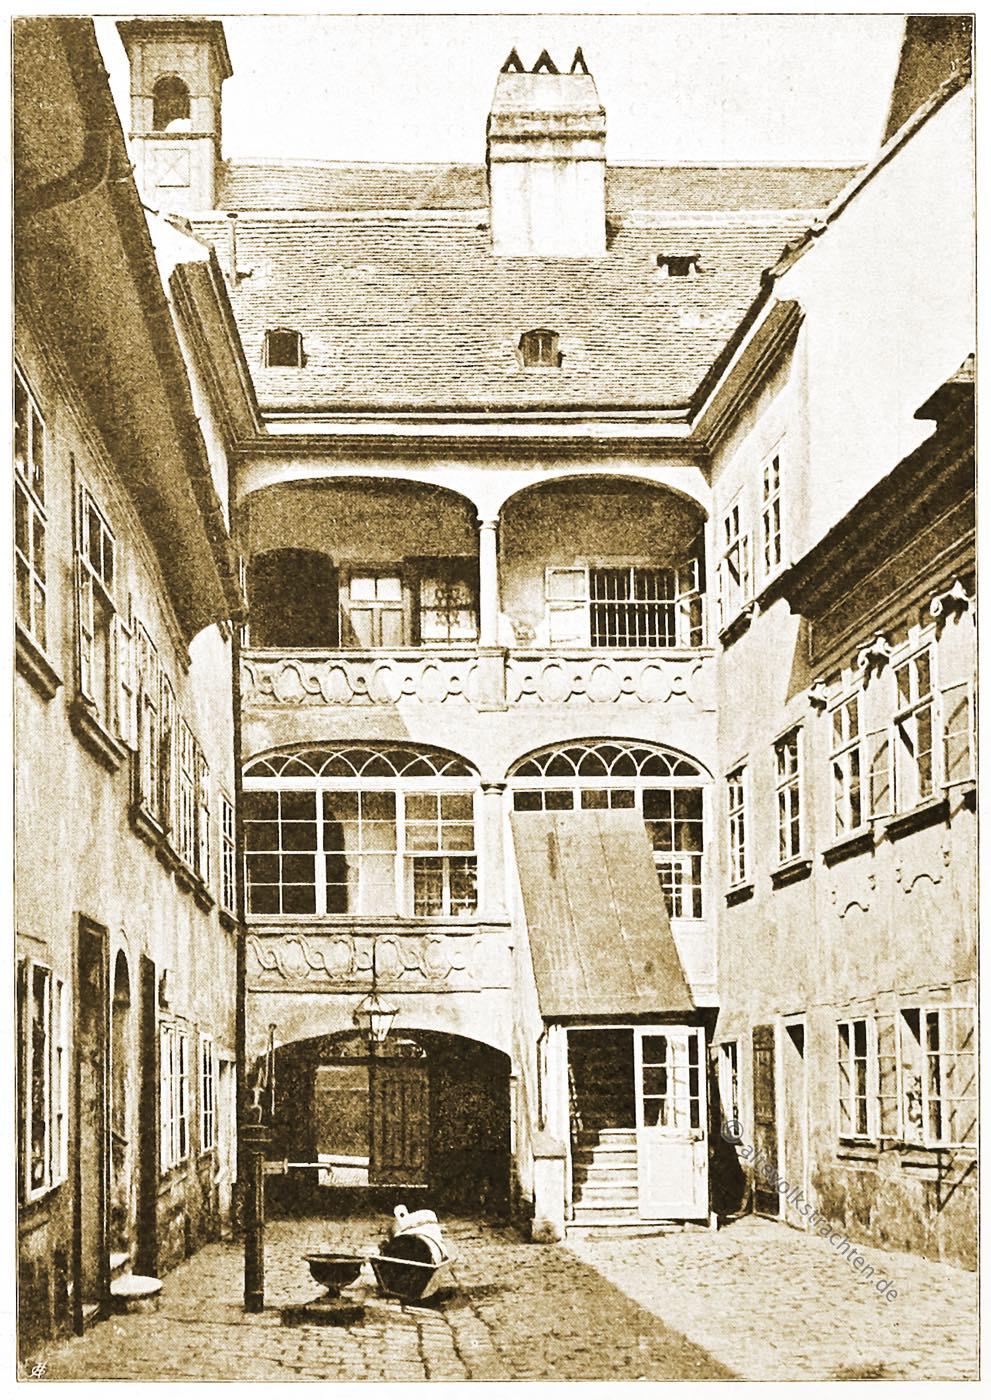 Wien, Hof, Ulrichsplatz, Architektur, Österreich, Stadtansicht, Hartwig, Fischel, Wahrzeichen, Sehenswürdigkeit,